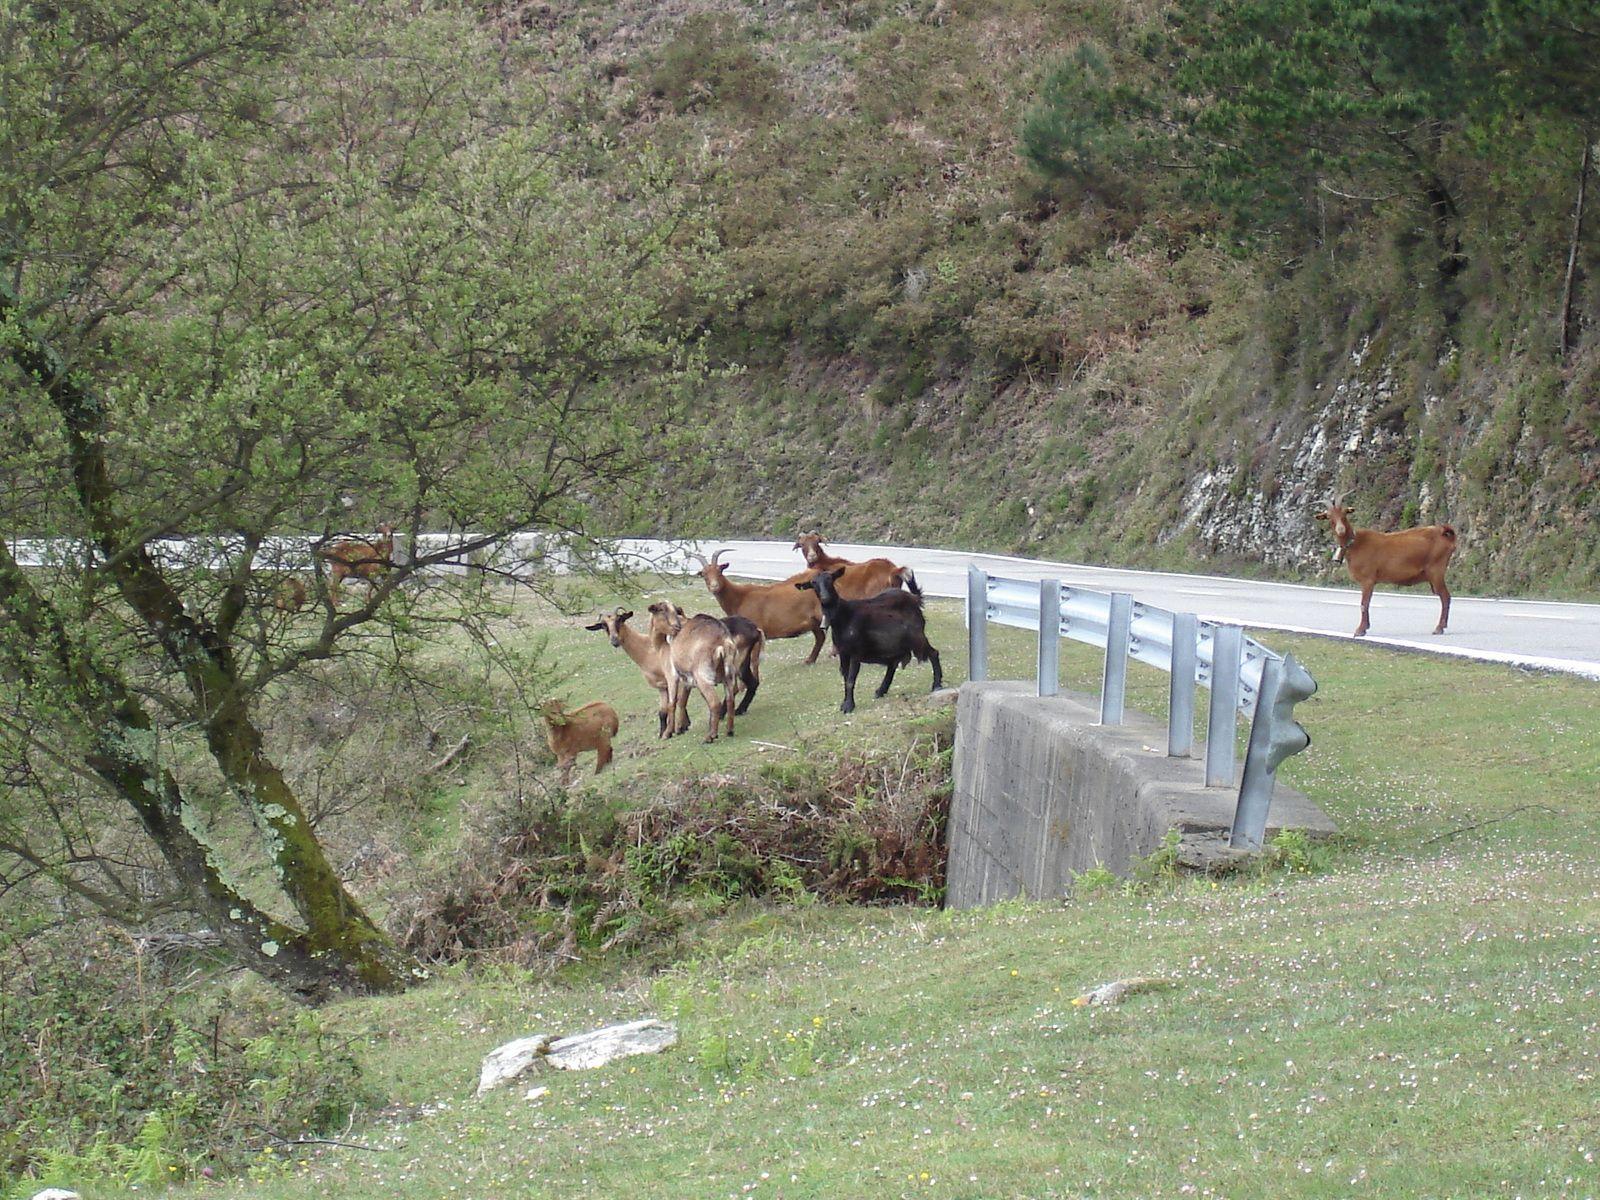 Et les premières chèvres, en semi-liberté dans cette région.( Nous aurons l'occasion d'en approcher toute la semaine ).